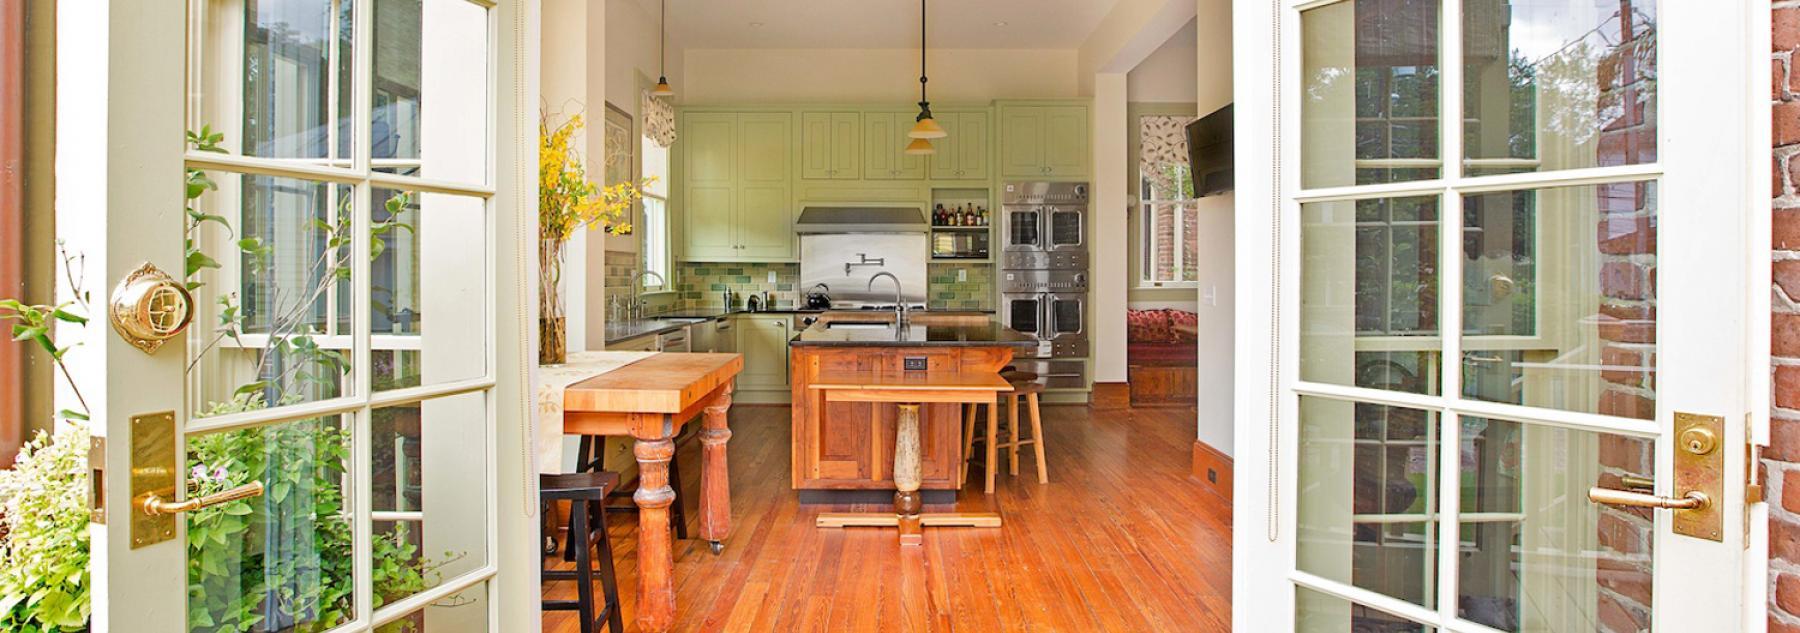 Gourmet Kitchen at The Whitman